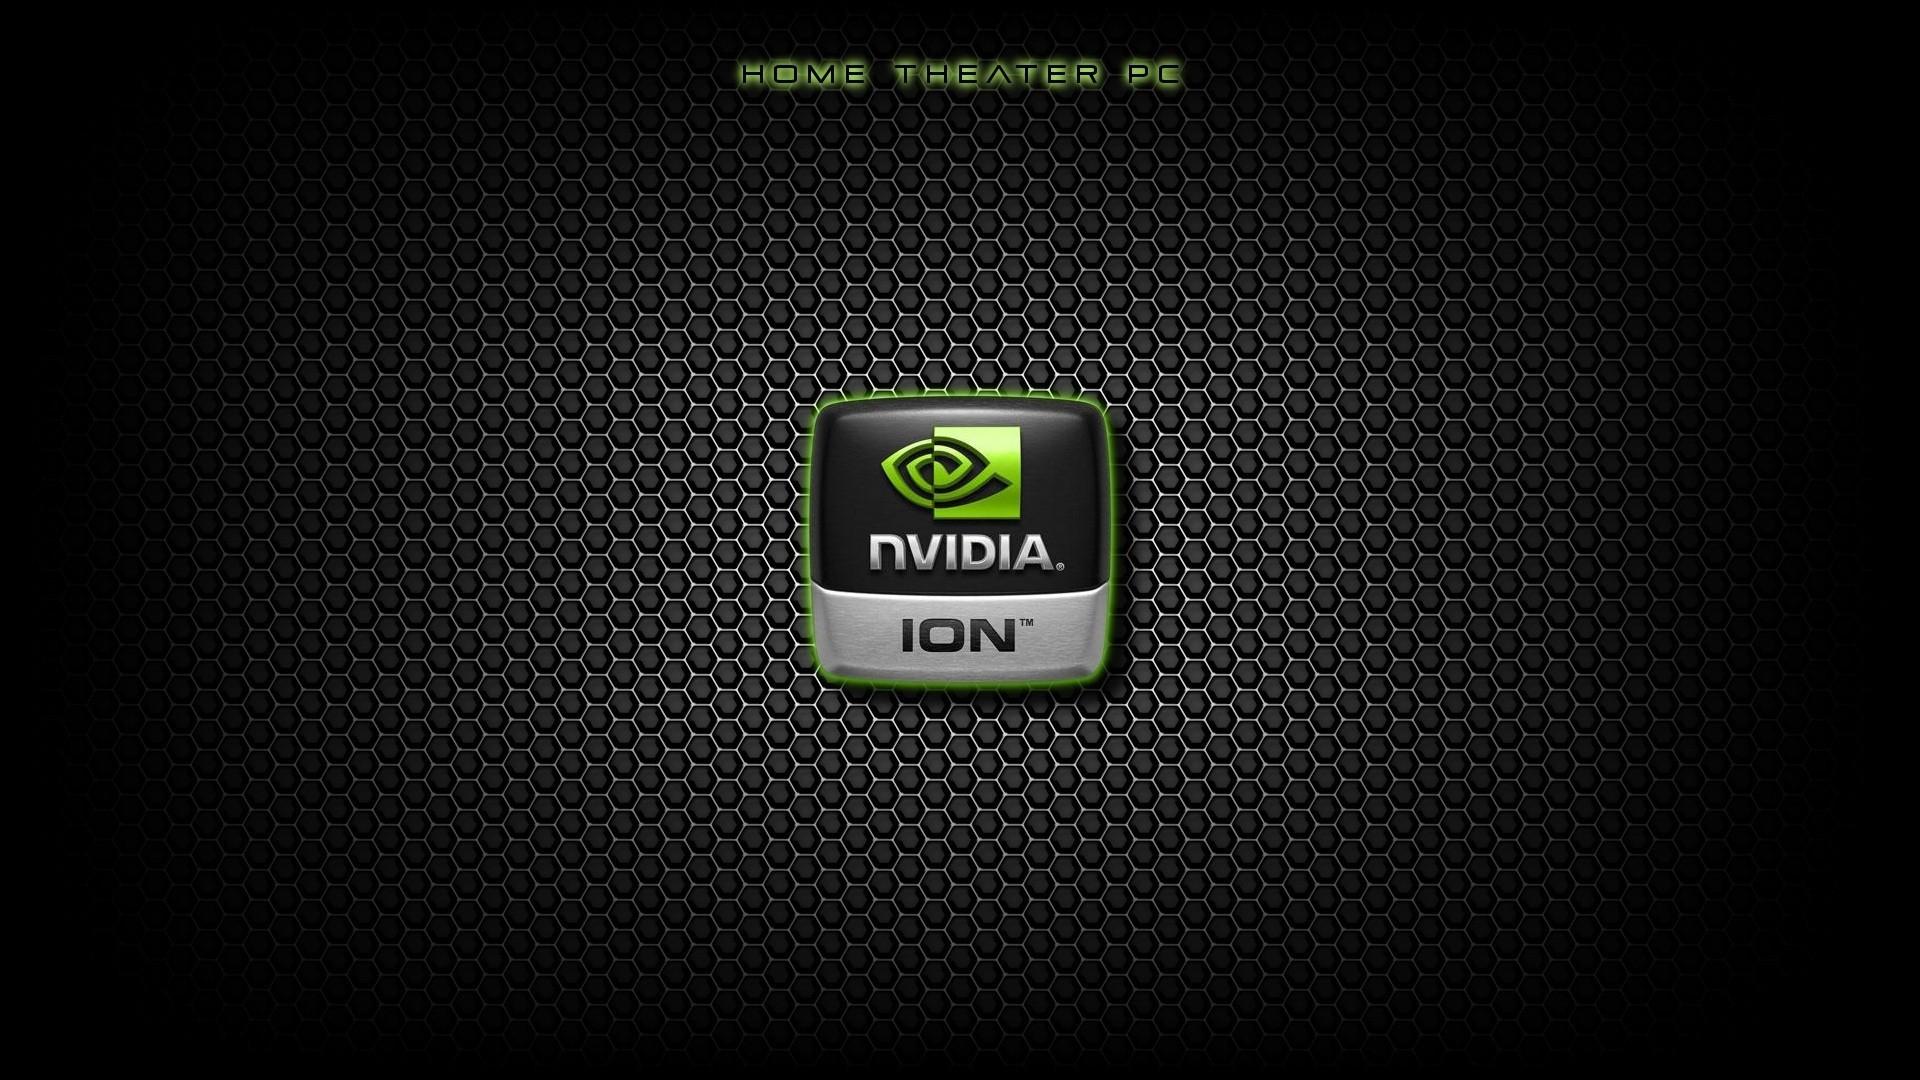 Nvidia Wallpaper 1920x1080 Hd 82 Images